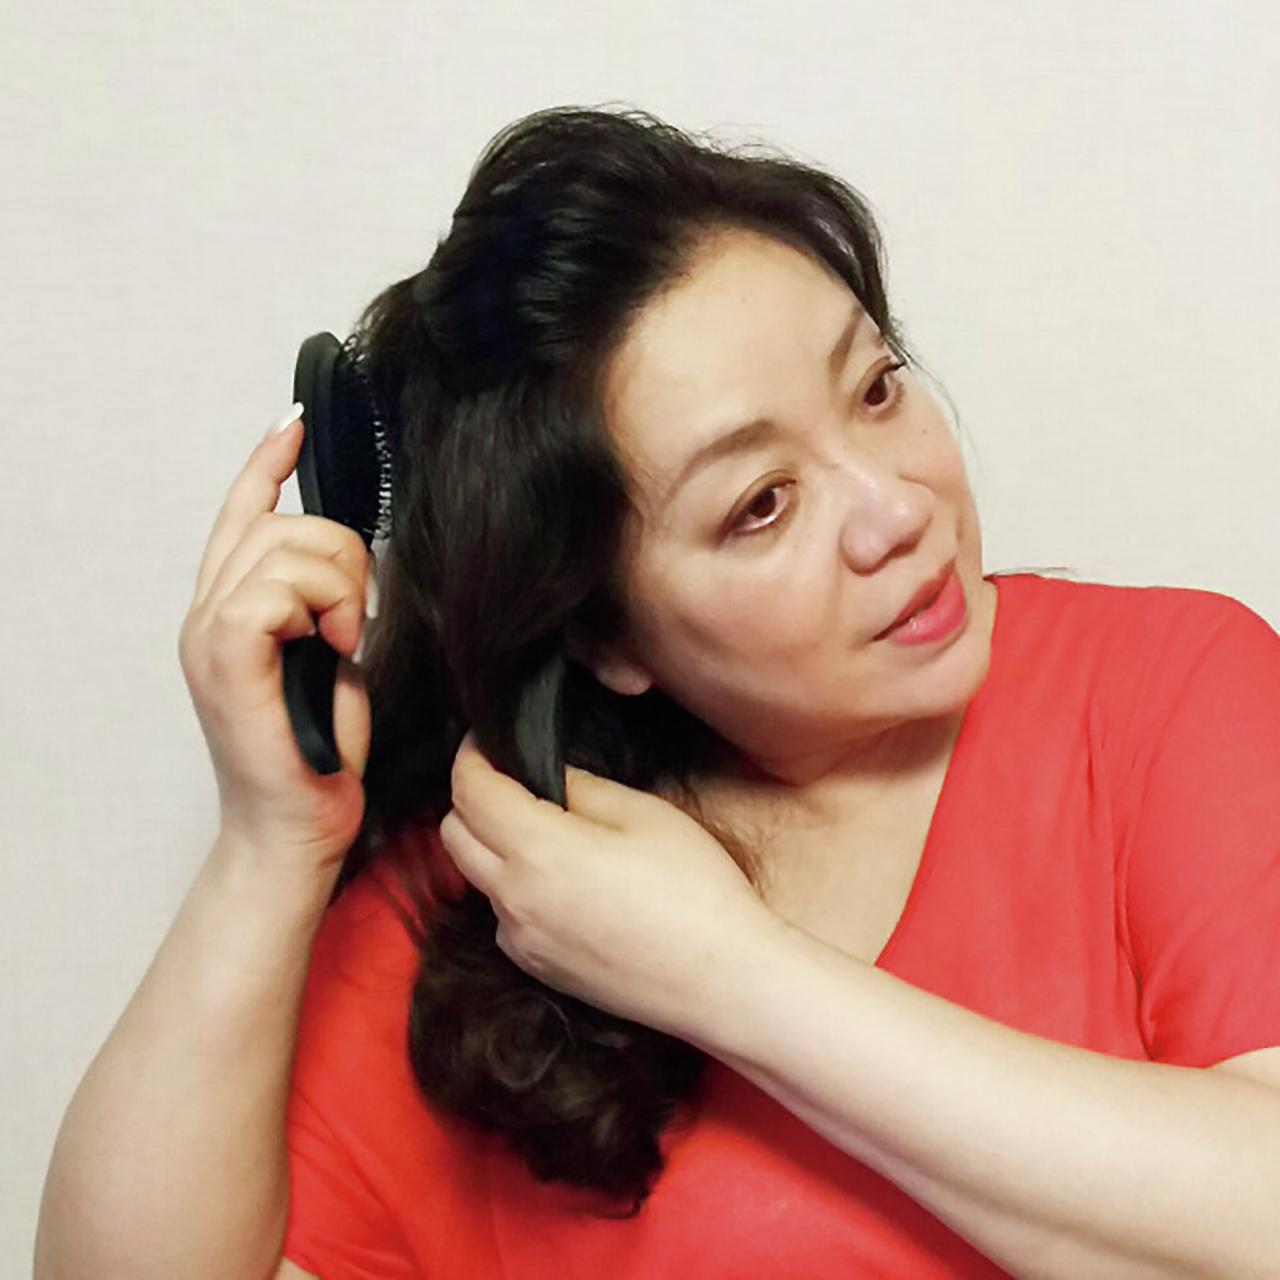 本当は教えたくない! 美容のプロが実践する50代の「いる美容」 五選_5_1-3